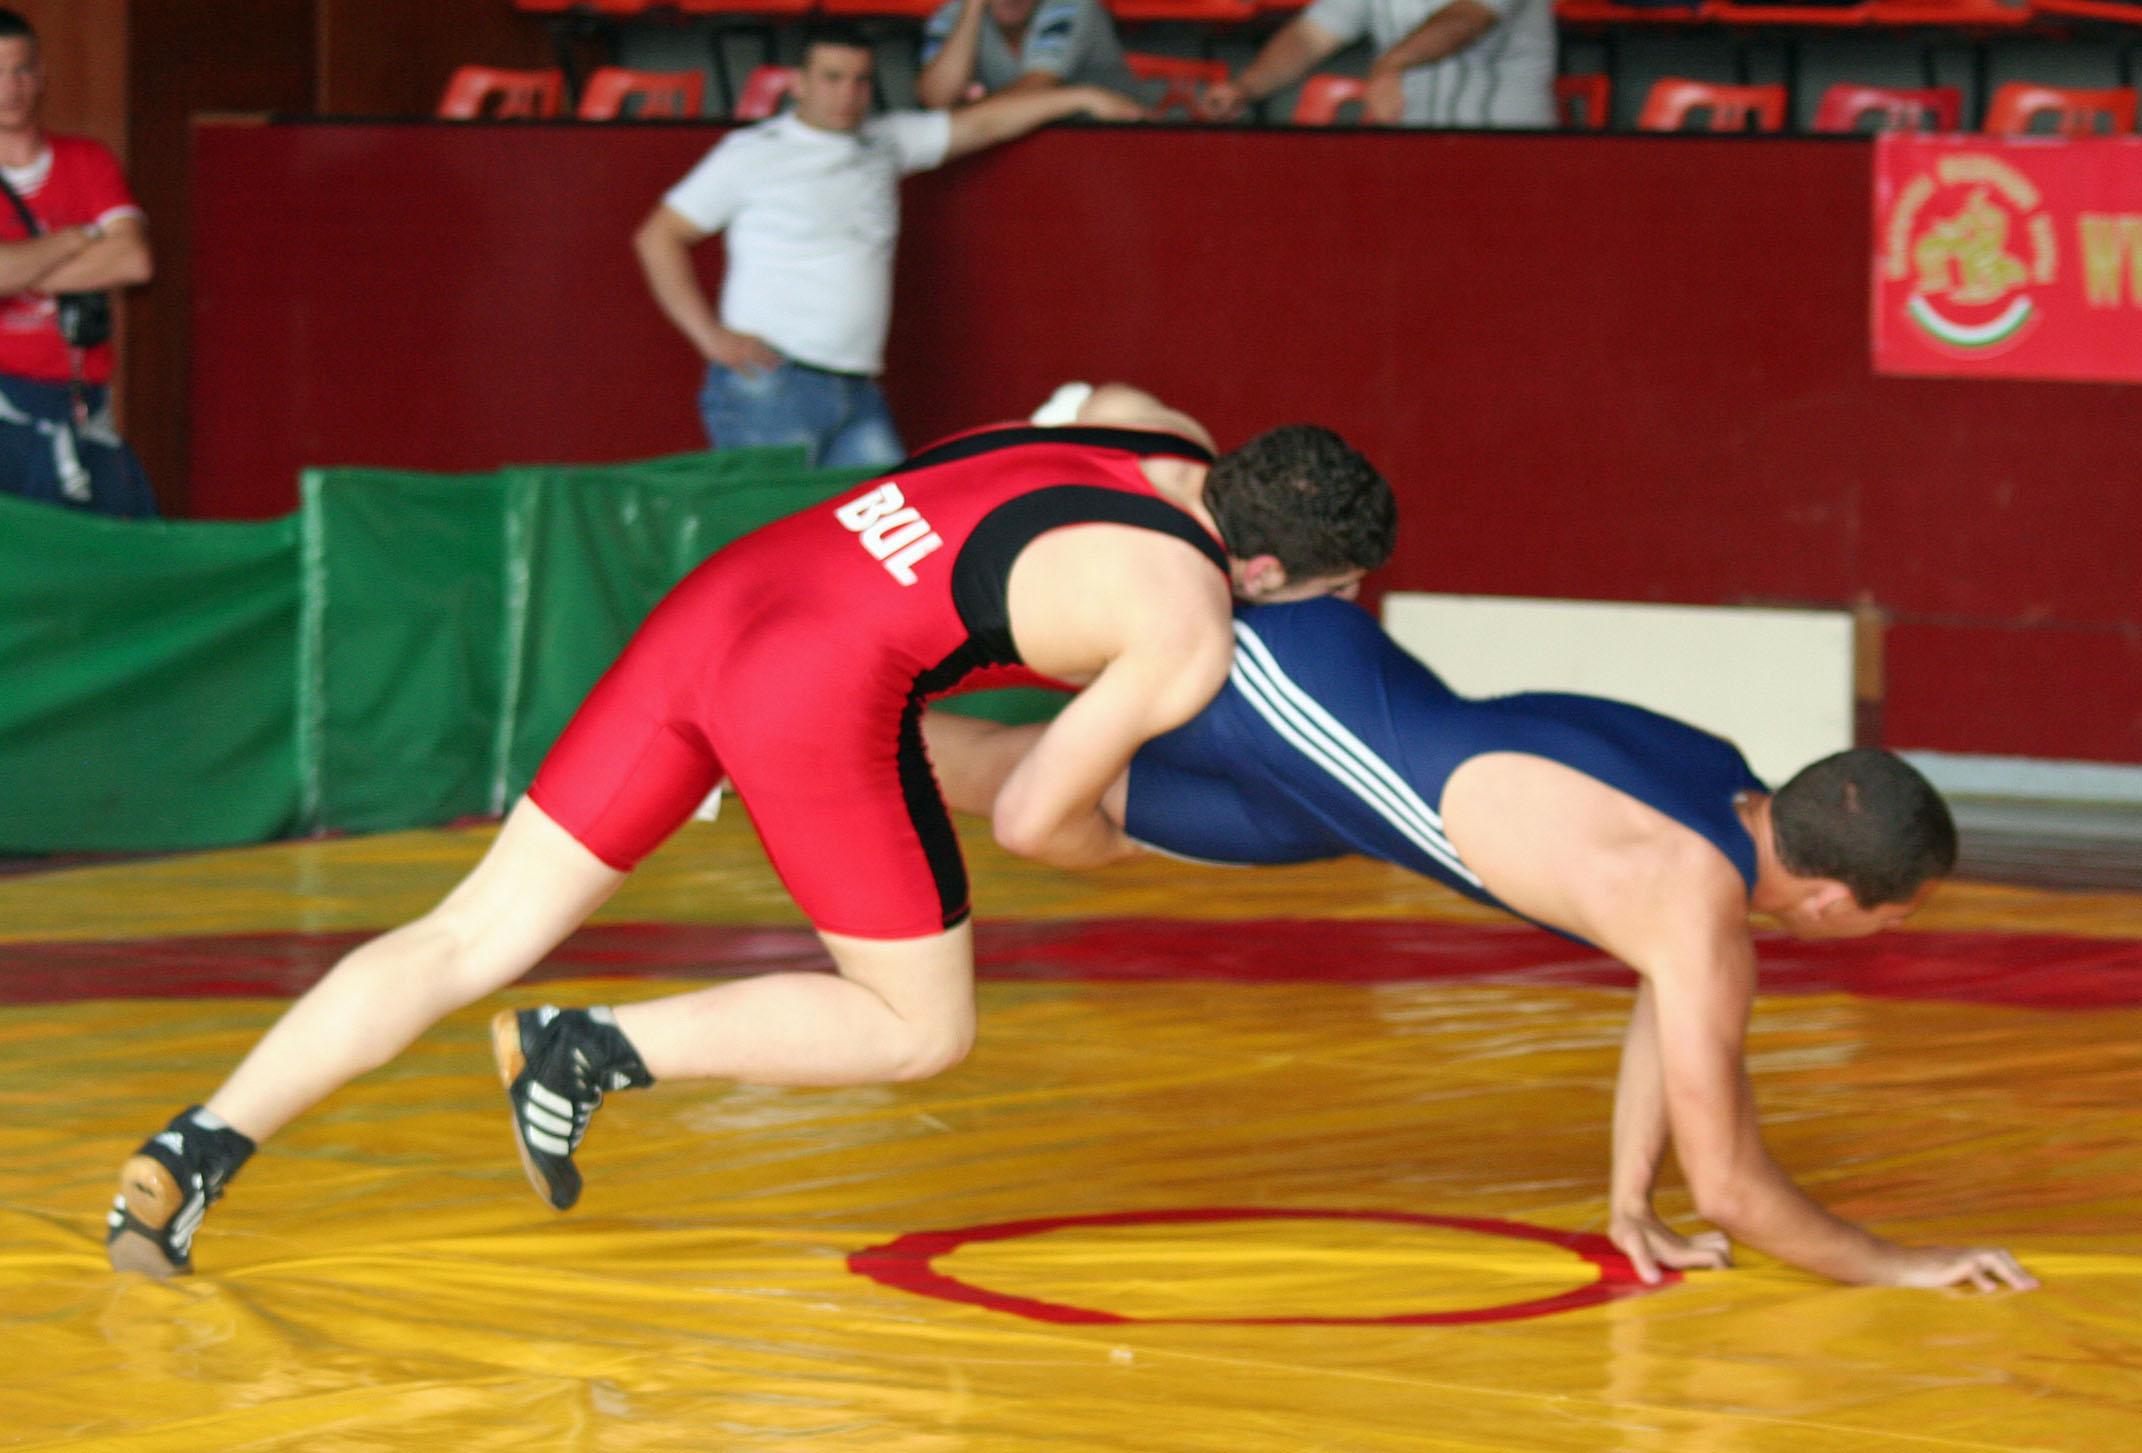 Борците ни с 3 световни титли и общо 19 медала през 2011 г.